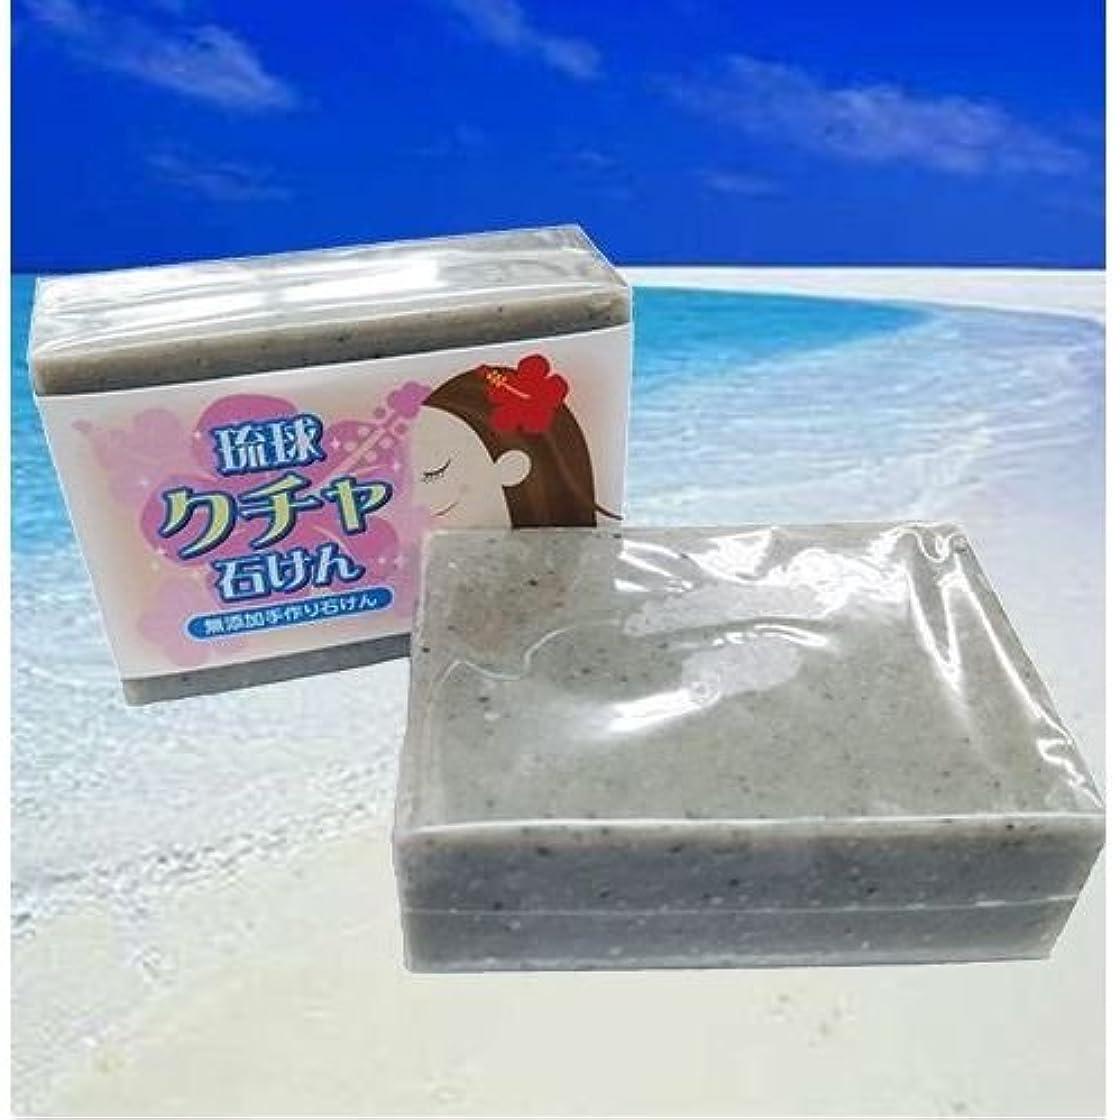 迷信多様体してはいけません沖縄限定 無添加手作りくちゃ石鹸 100g